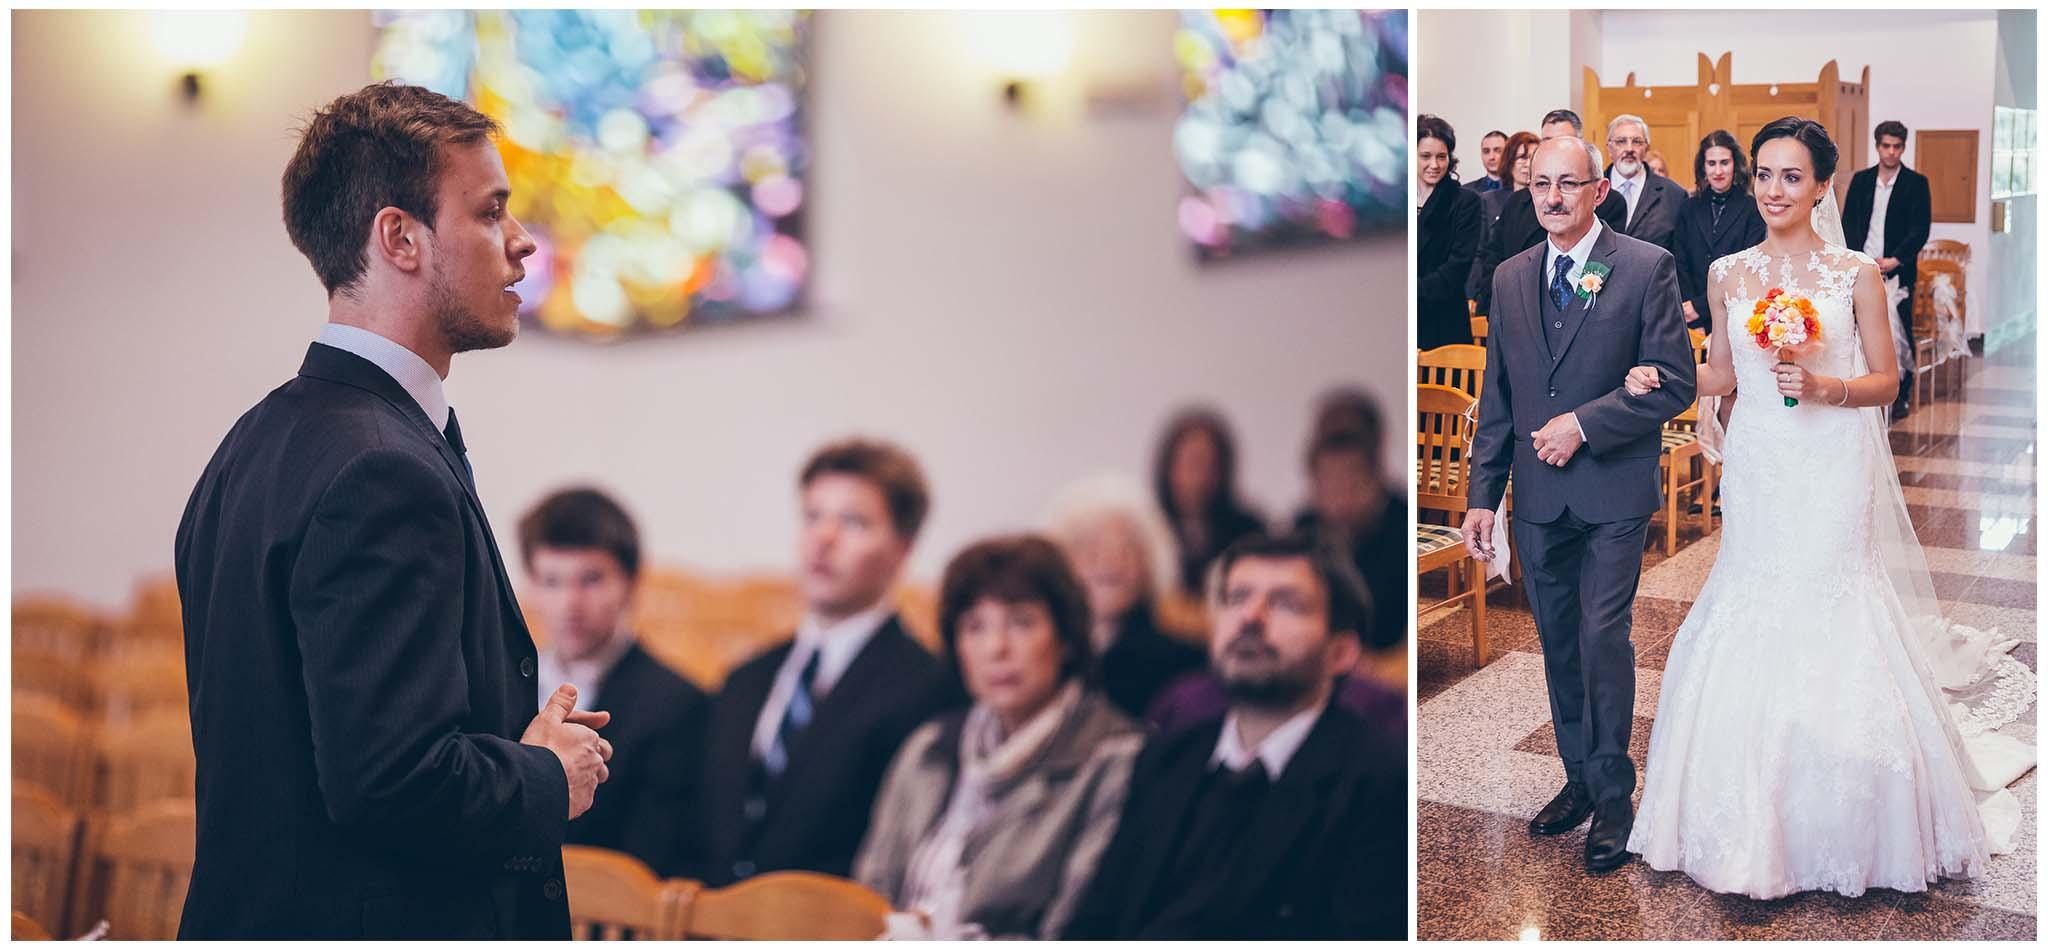 FylepPhoto, esküvőfotós, esküvői fotós Körmend, Szombathely, esküvőfotózás, magyarország, vas megye, prémium, jegyesfotózás, Fülöp Péter, körmend, kreatív, fotográfus_013..jpg